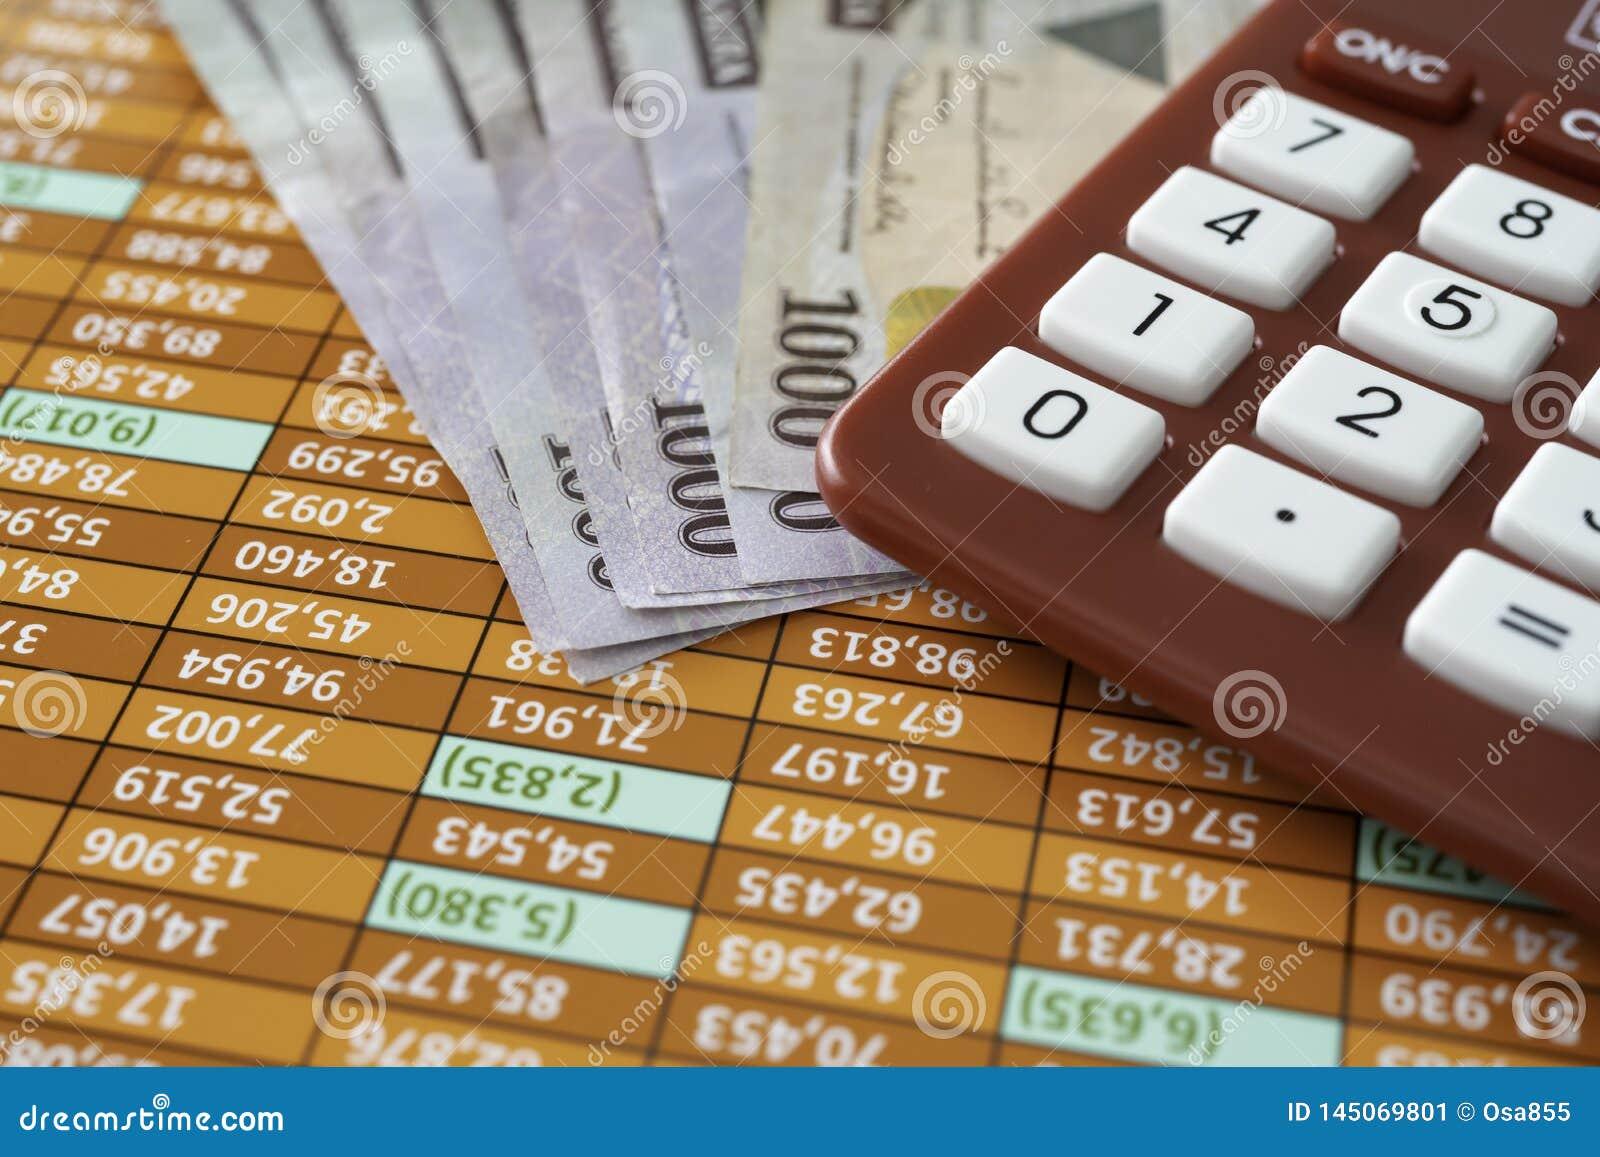 Nigeriaanse Naira Nota s met Calculator op Spreadsheet